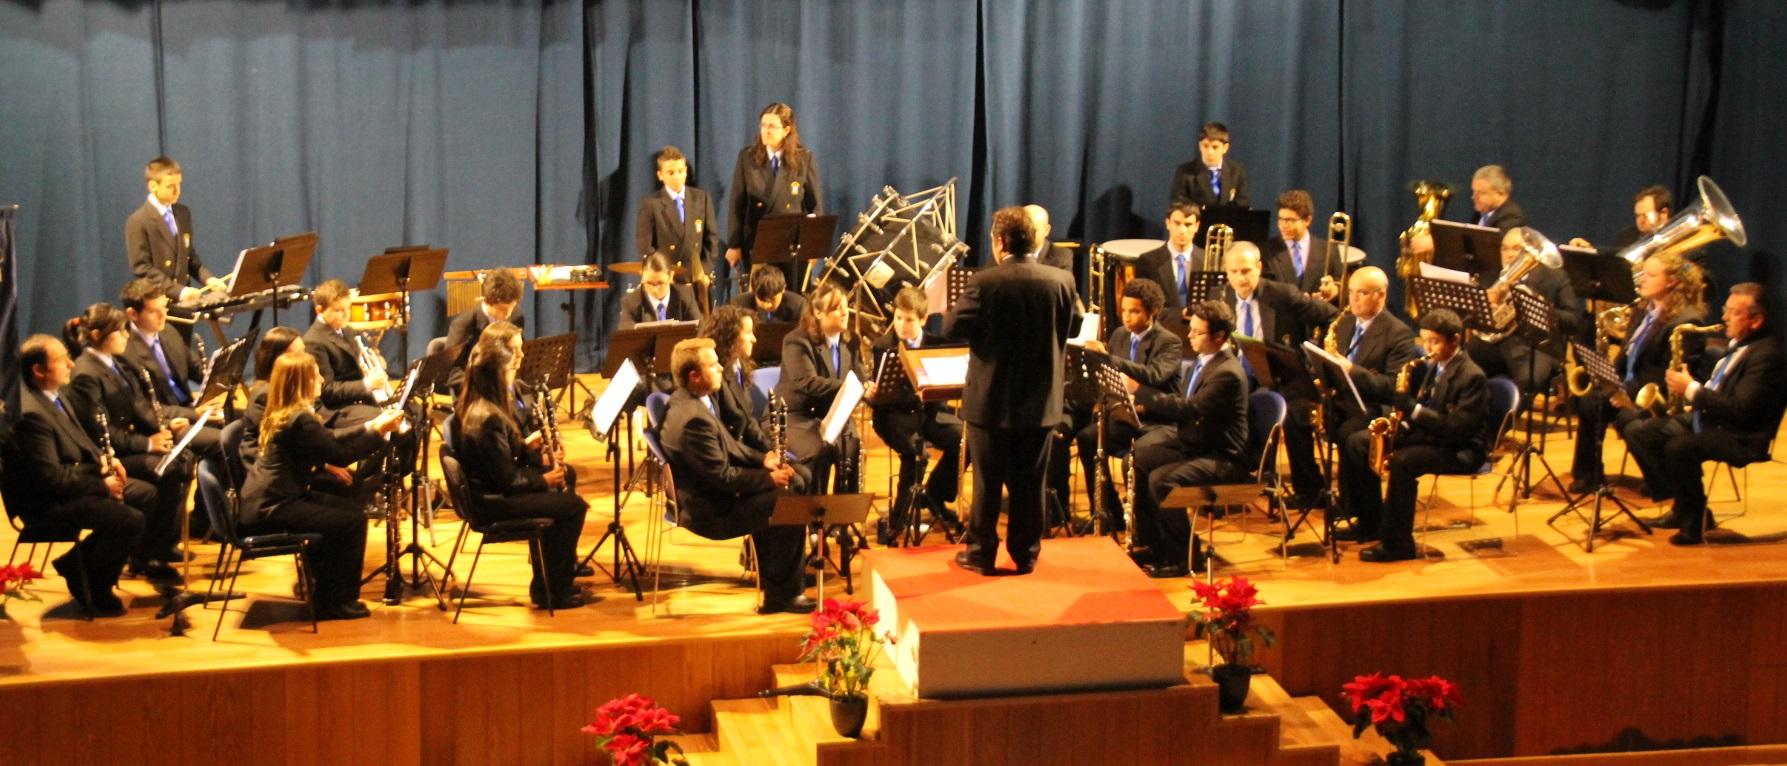 BANDA MUNICIPAL DE MUSICA DE ALMUÑECAR OFRECIO CONCIERTO AÑO NUEVO EN LA HERRADURA 2